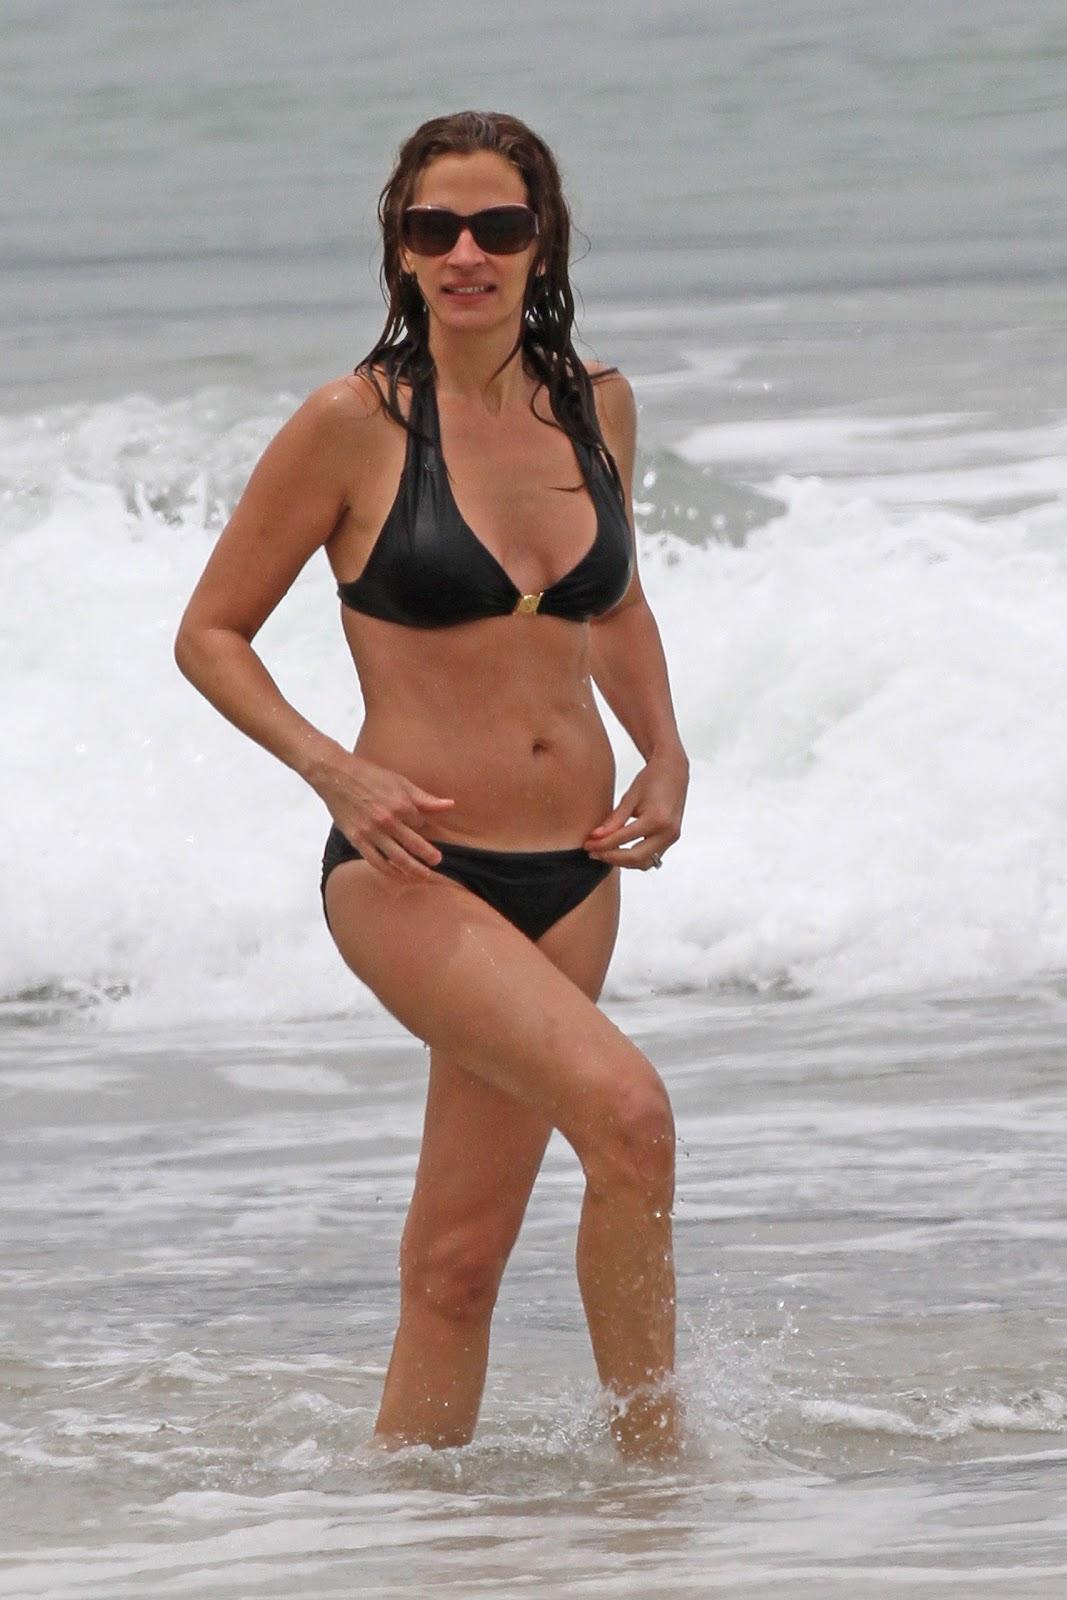 http://3.bp.blogspot.com/-EgEXKdXFHps/T8DuR3L-GqI/AAAAAAAAHJw/d9JKBhjy-I4/s1600/+Julia+Roberts+-+Bikini+candids+Hawaii+%288%29.jpg